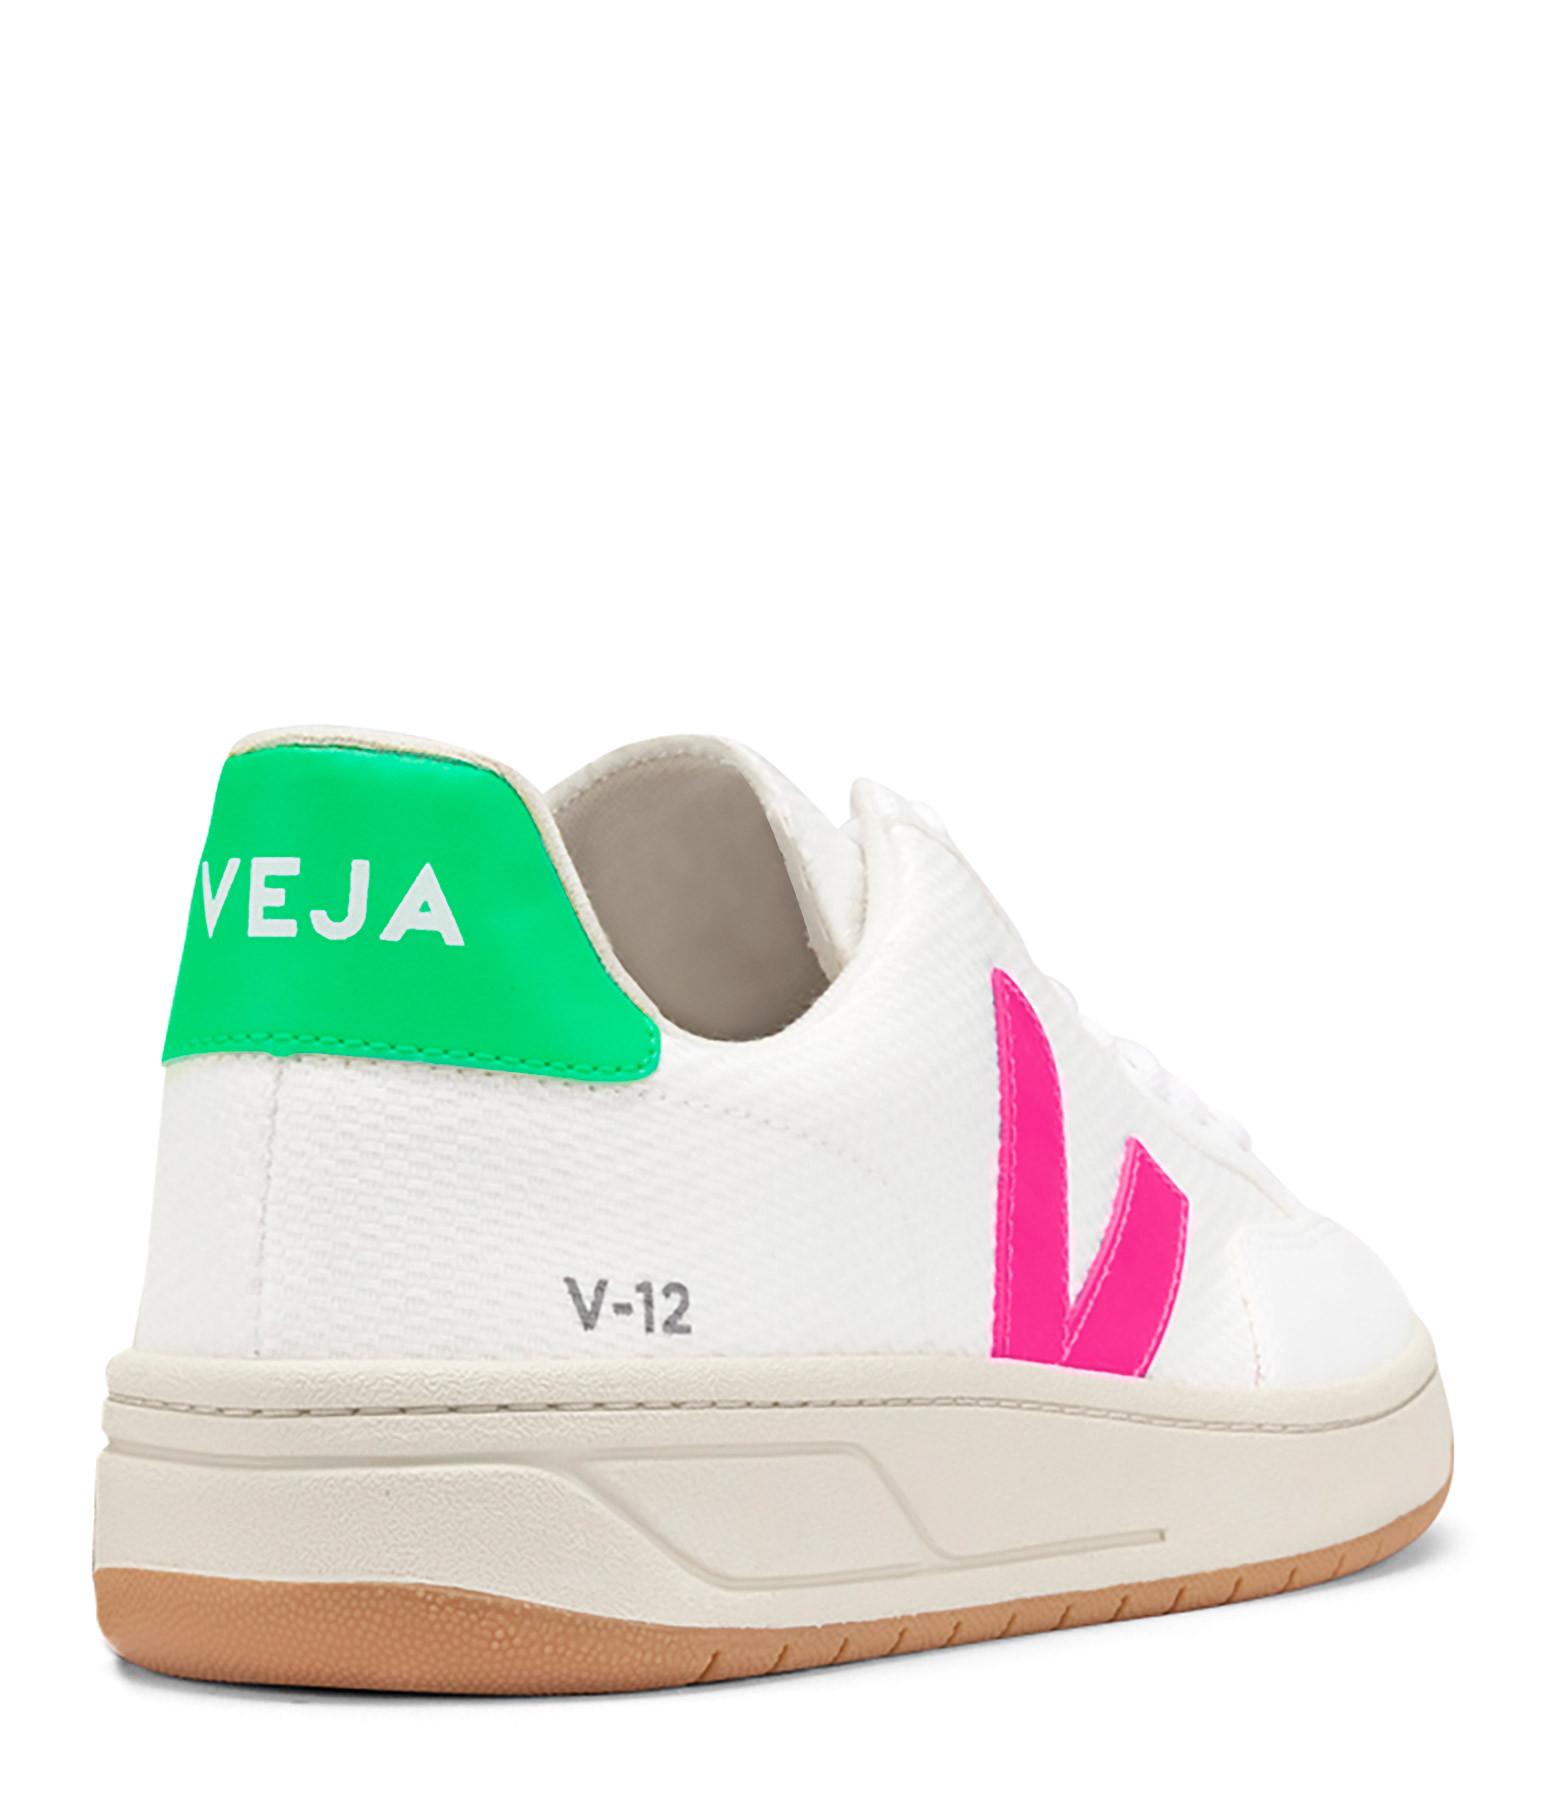 VEJA - Baskets V-12 B-Mesh Blanc Sari Absinthe